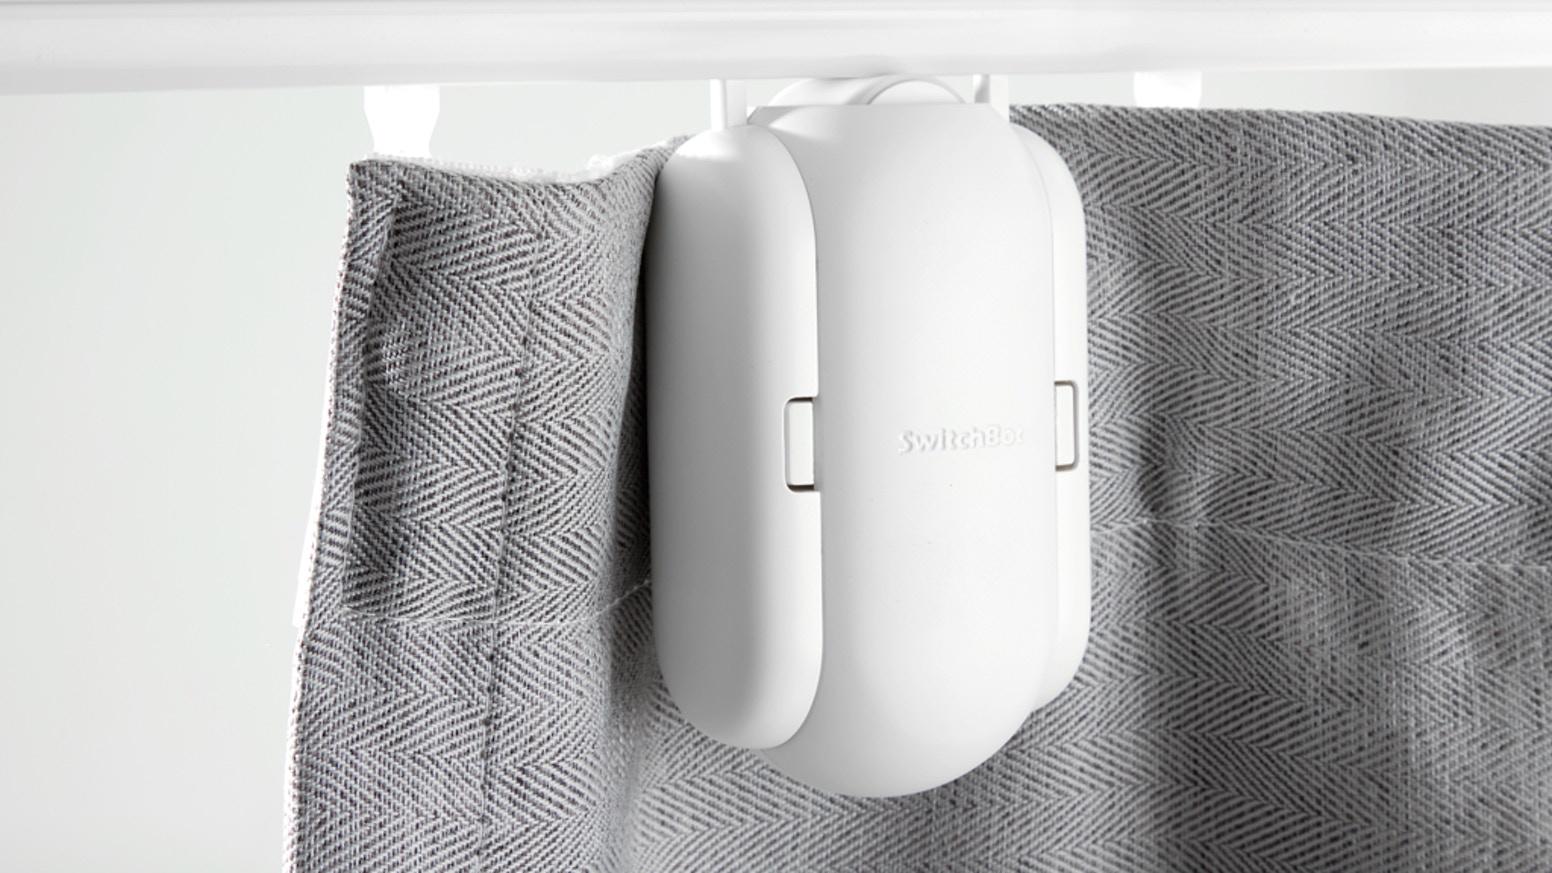 SwitchBot Curtain vytvoří z běžných závěsů chytré